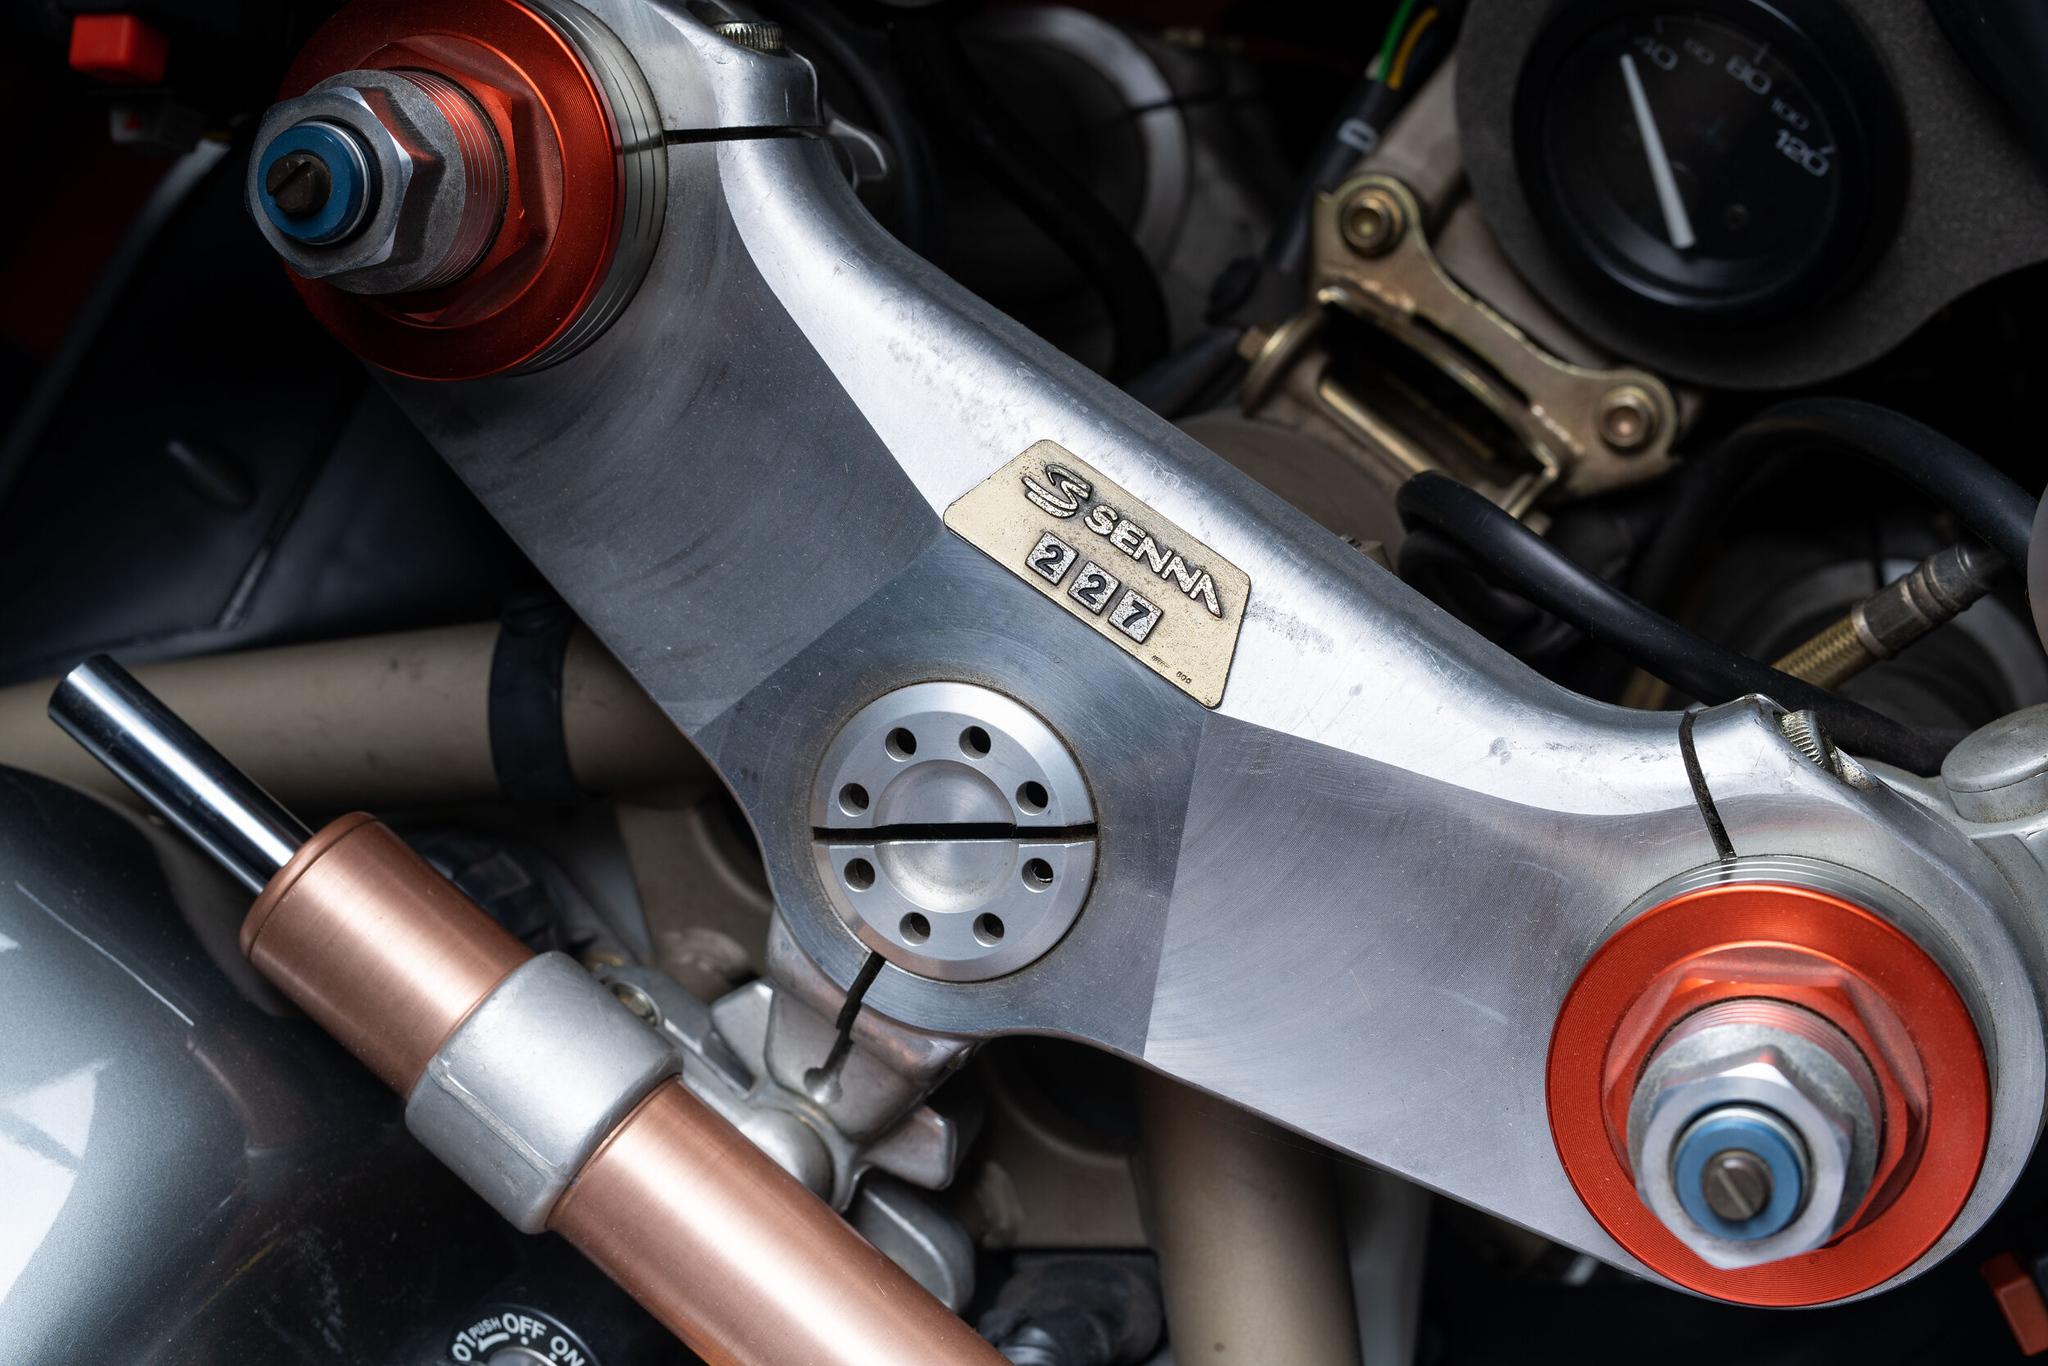 6 Miles – 1995 Ducati 916 Senna